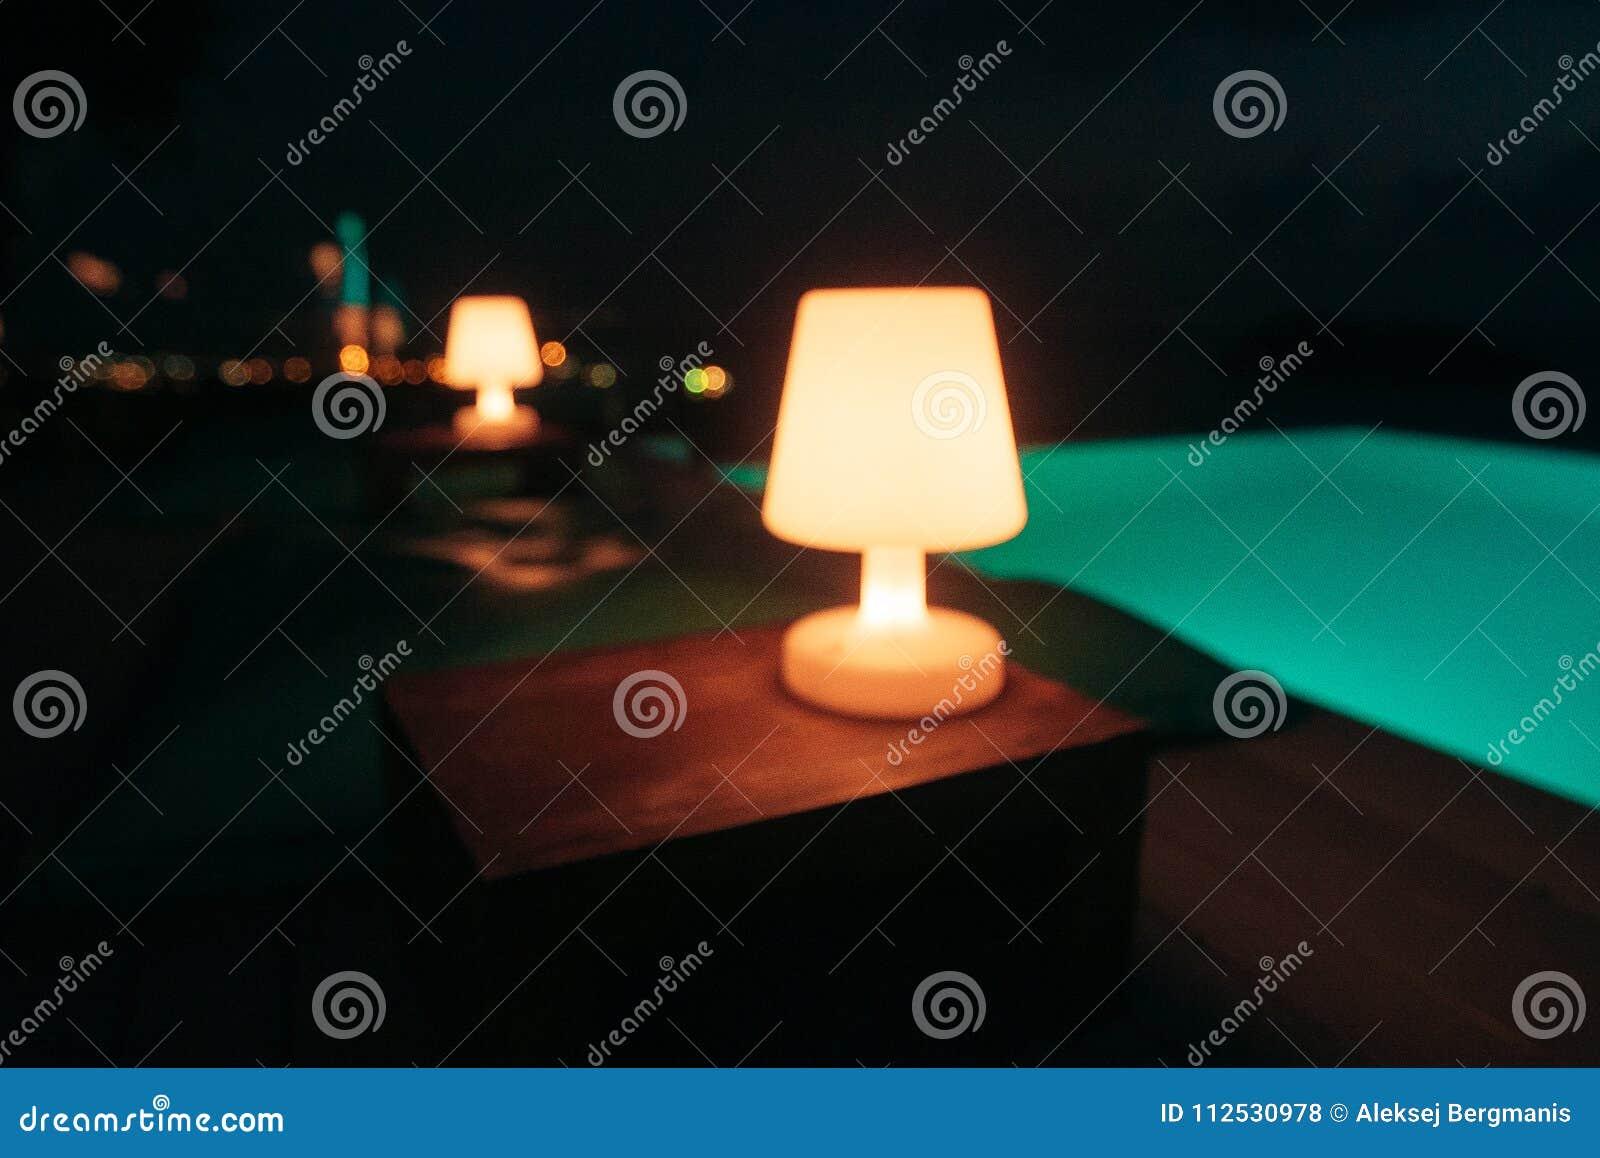 Lampen En Licht : Kronleuchter armen königlicher lüster hängeleuchte lampen licht